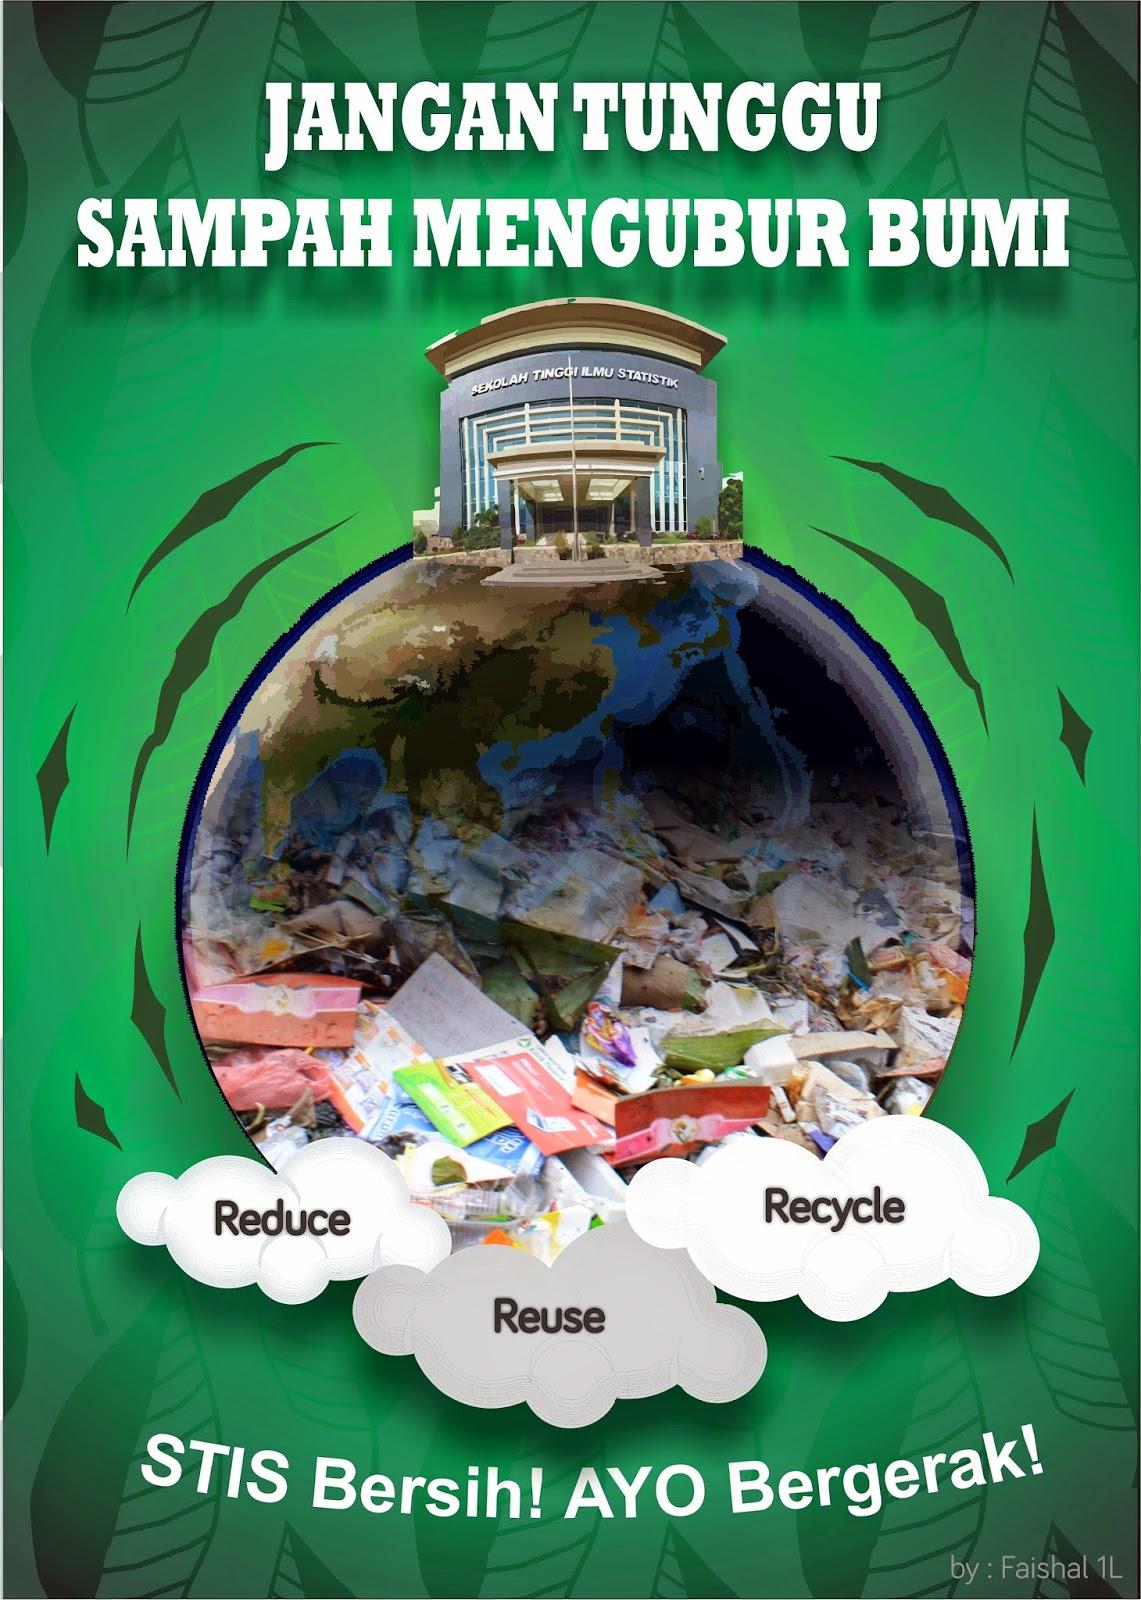 artinya janganlah kita membiarkan sampah menggunung ibaratnya bila tidak kita olah dan manfaatkan kembali menurut konsep 3r maka sampah seolah olah